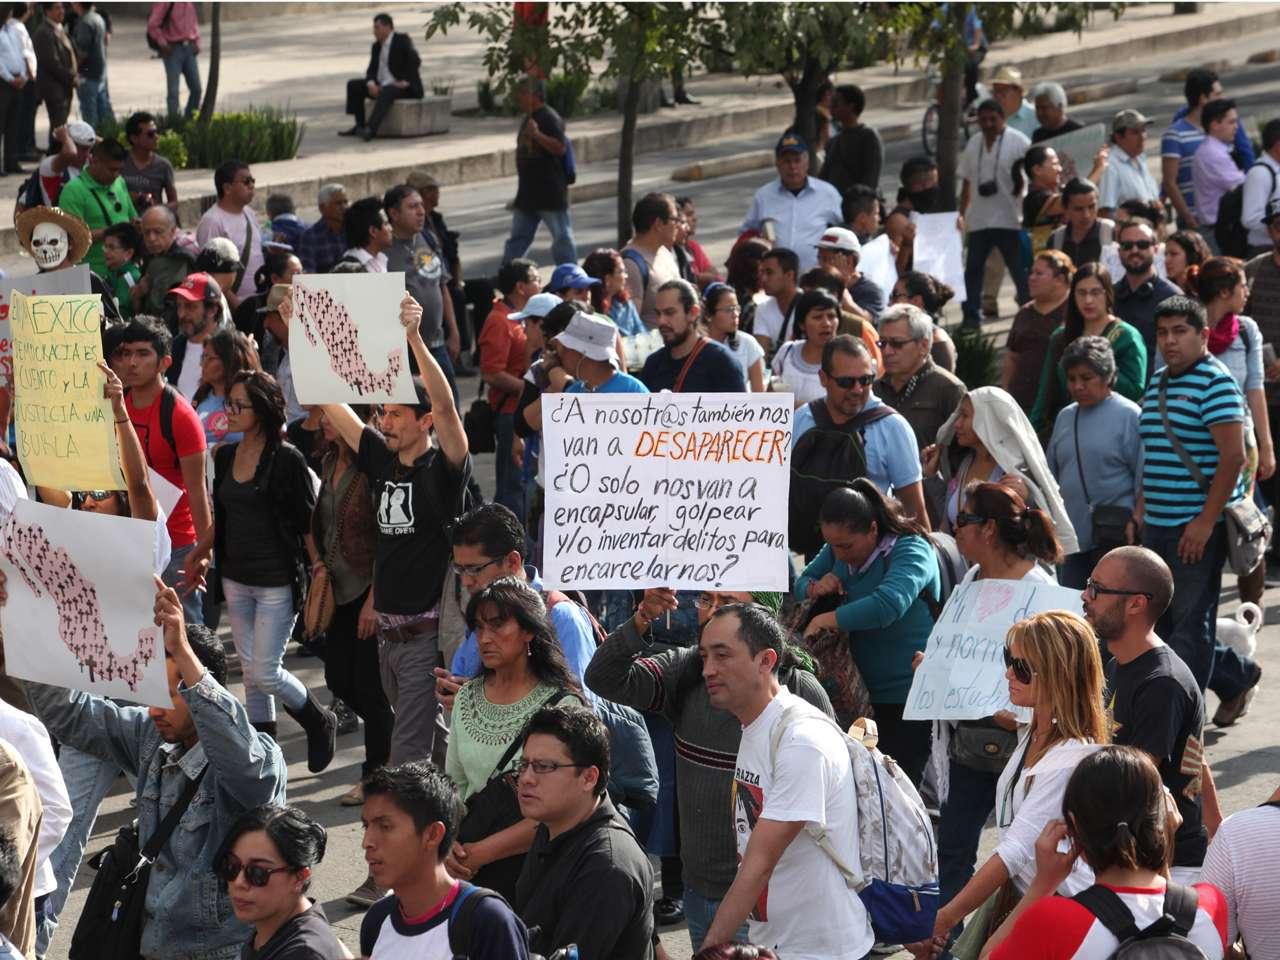 Te presentamos las mejores imágenes de la marcha por los 43 normalistas desaparecidos de Ayotzinapa, Guerrero, que fue encabezada por familiares, quienes exigen la presentación con vida de los estudiantes Foto: Terra